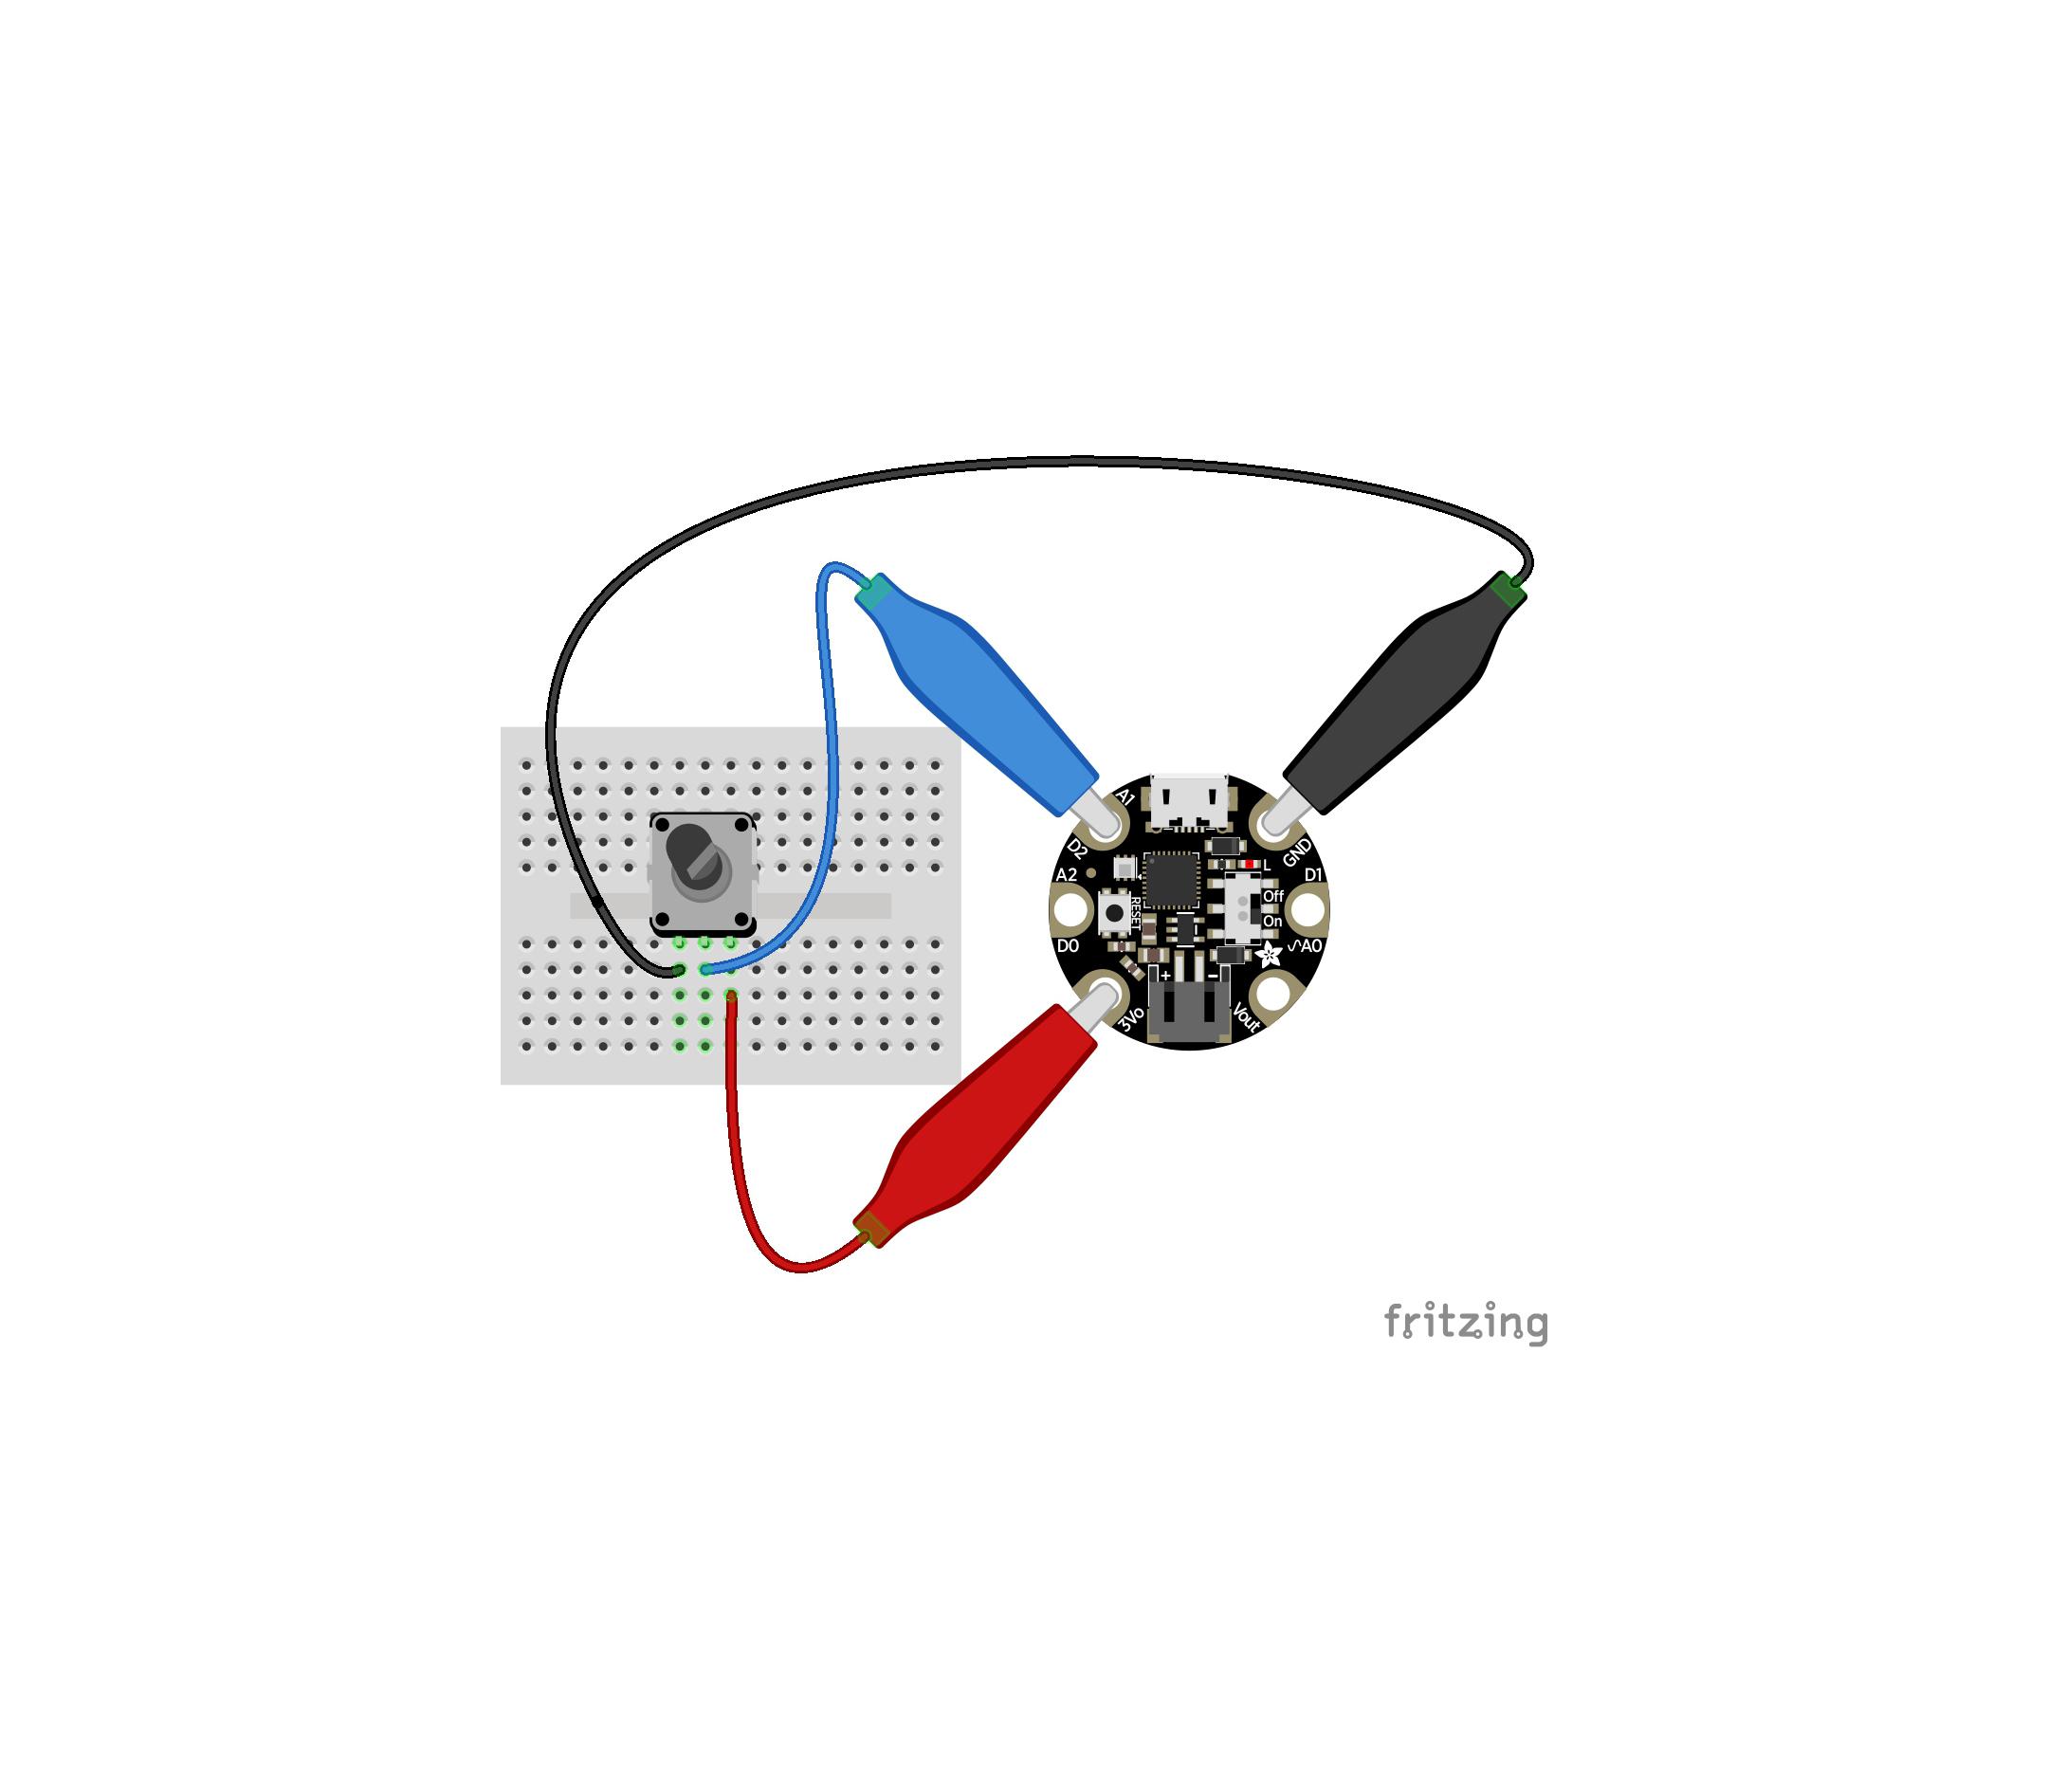 circuitpython_GemmaM0Pot_bb.jpg